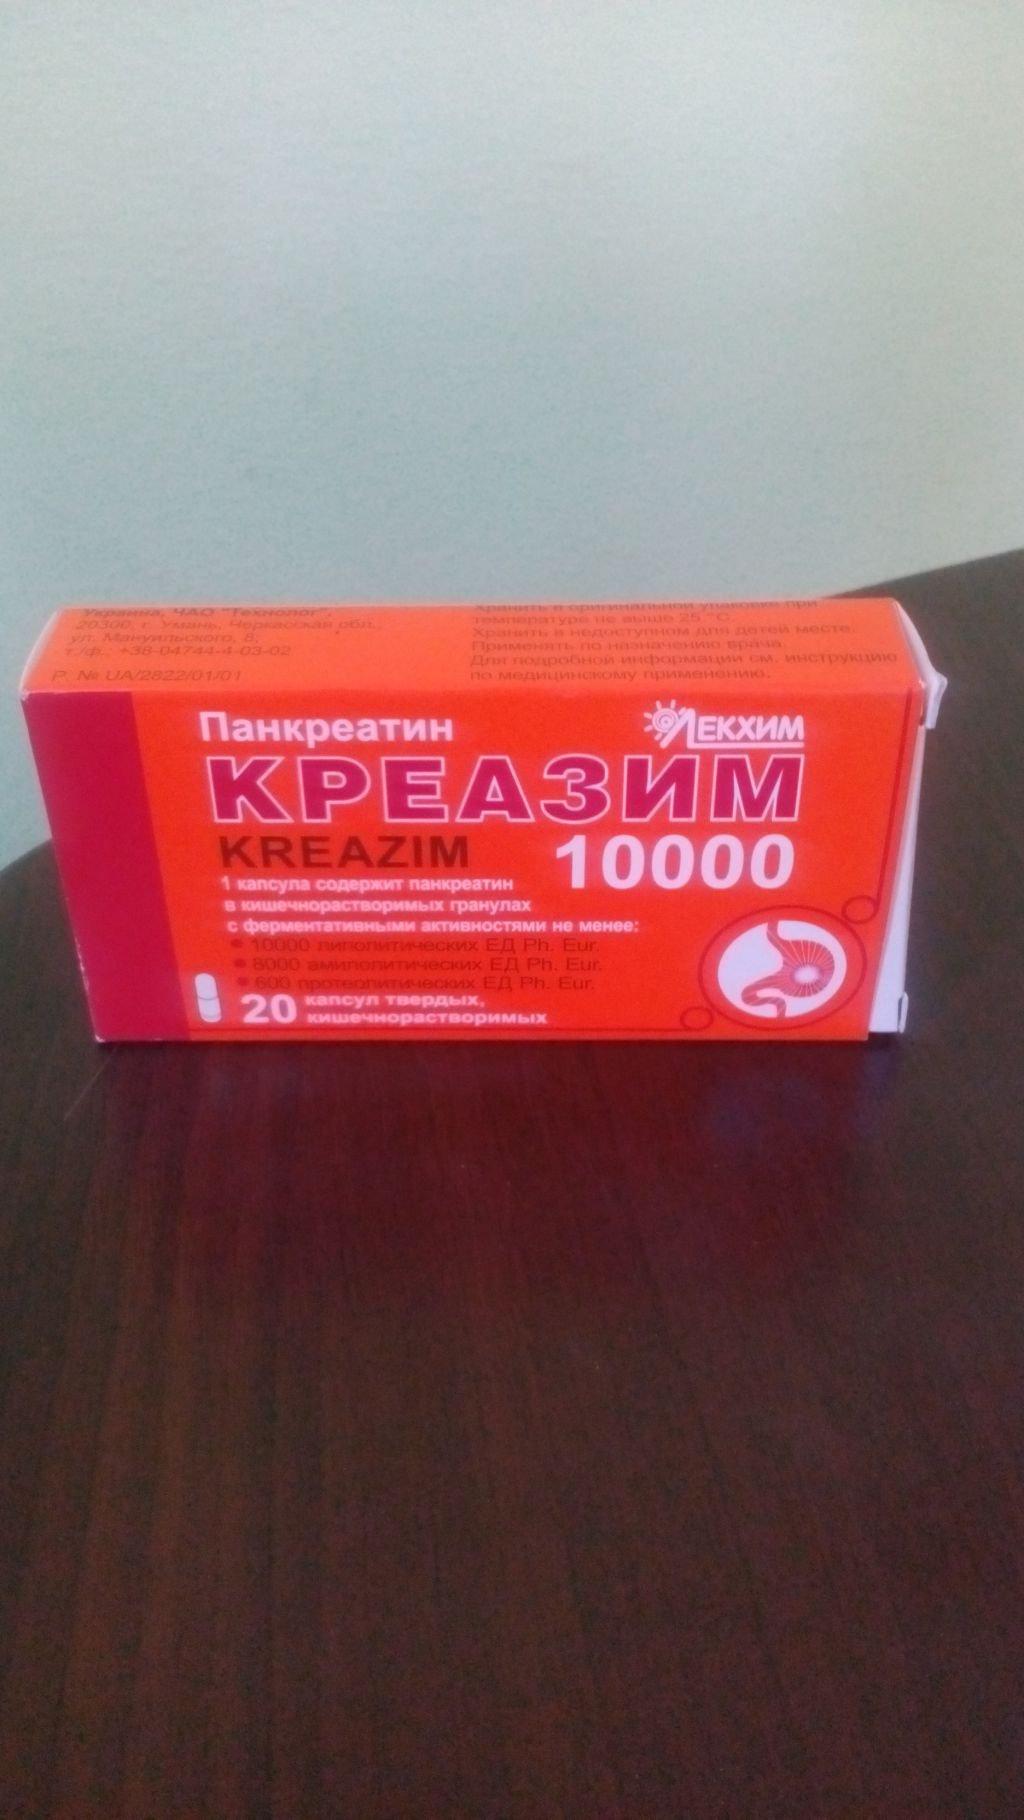 Креазим 10000 при нарушении пищеварения